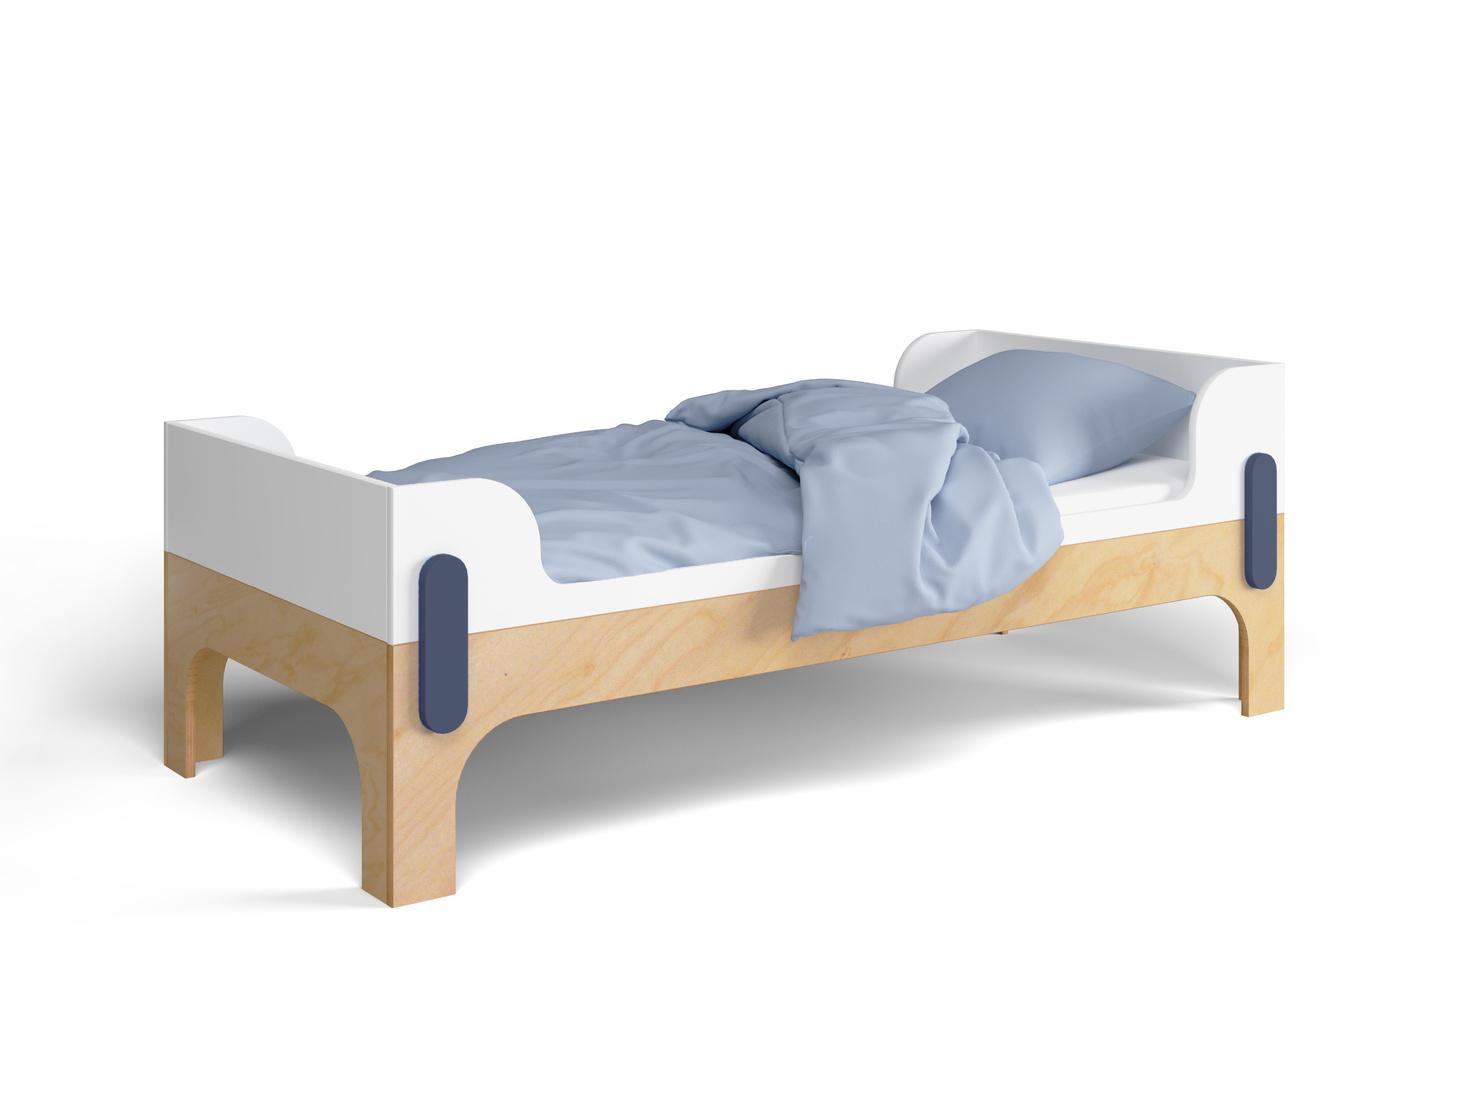 Русский дизайн: новая коллекция мебели PlayPly (галерея 7, фото 1)